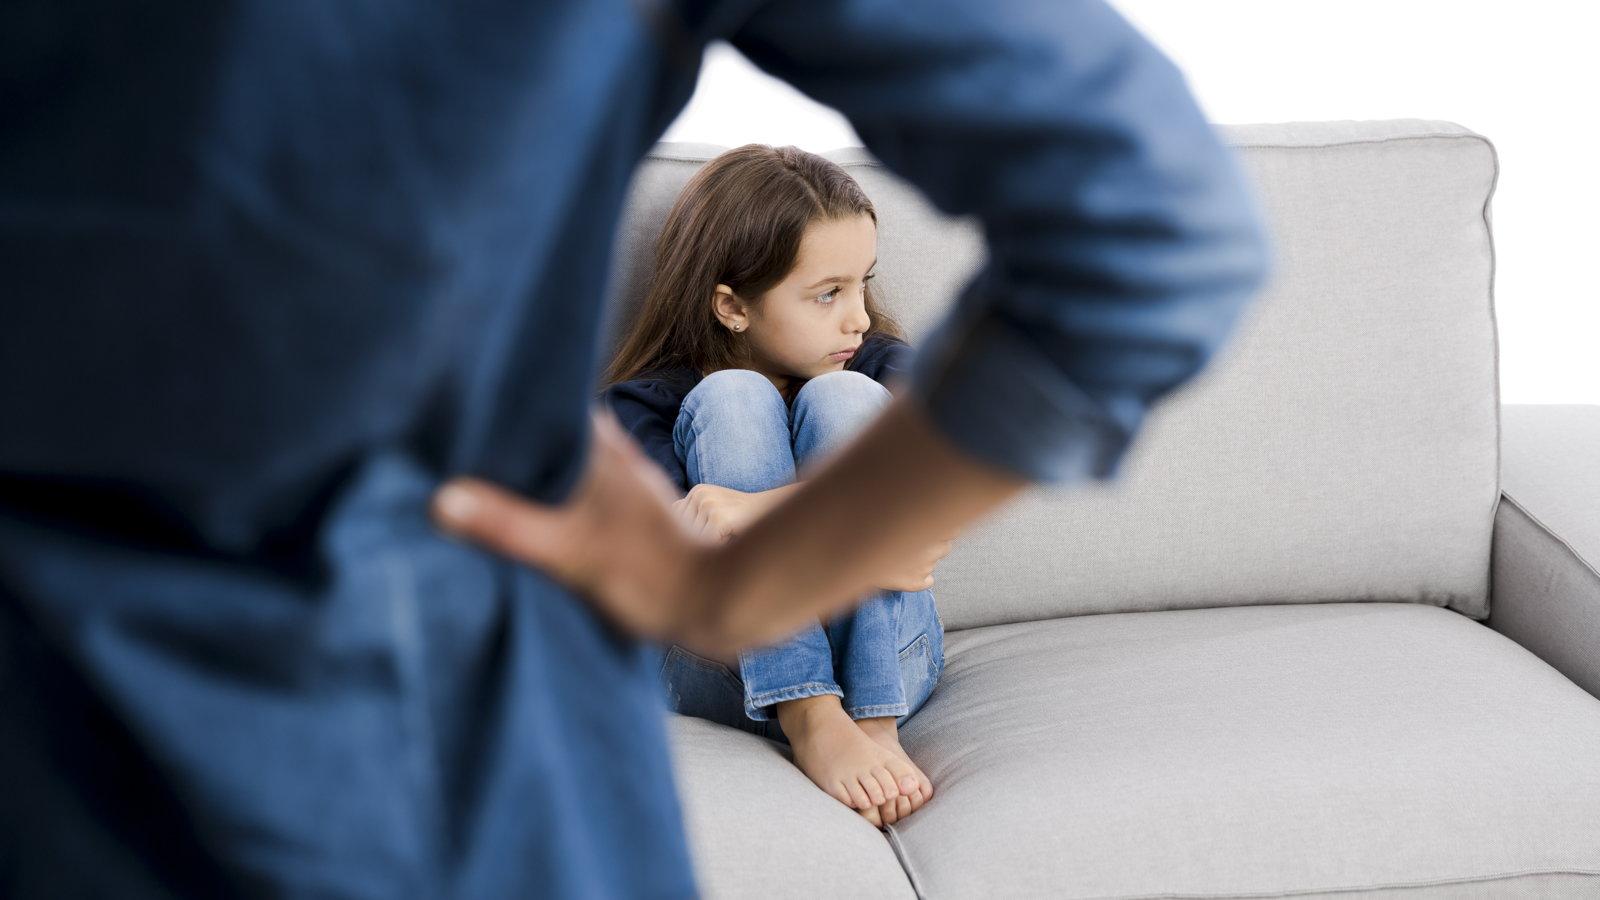 woman punishing daughter